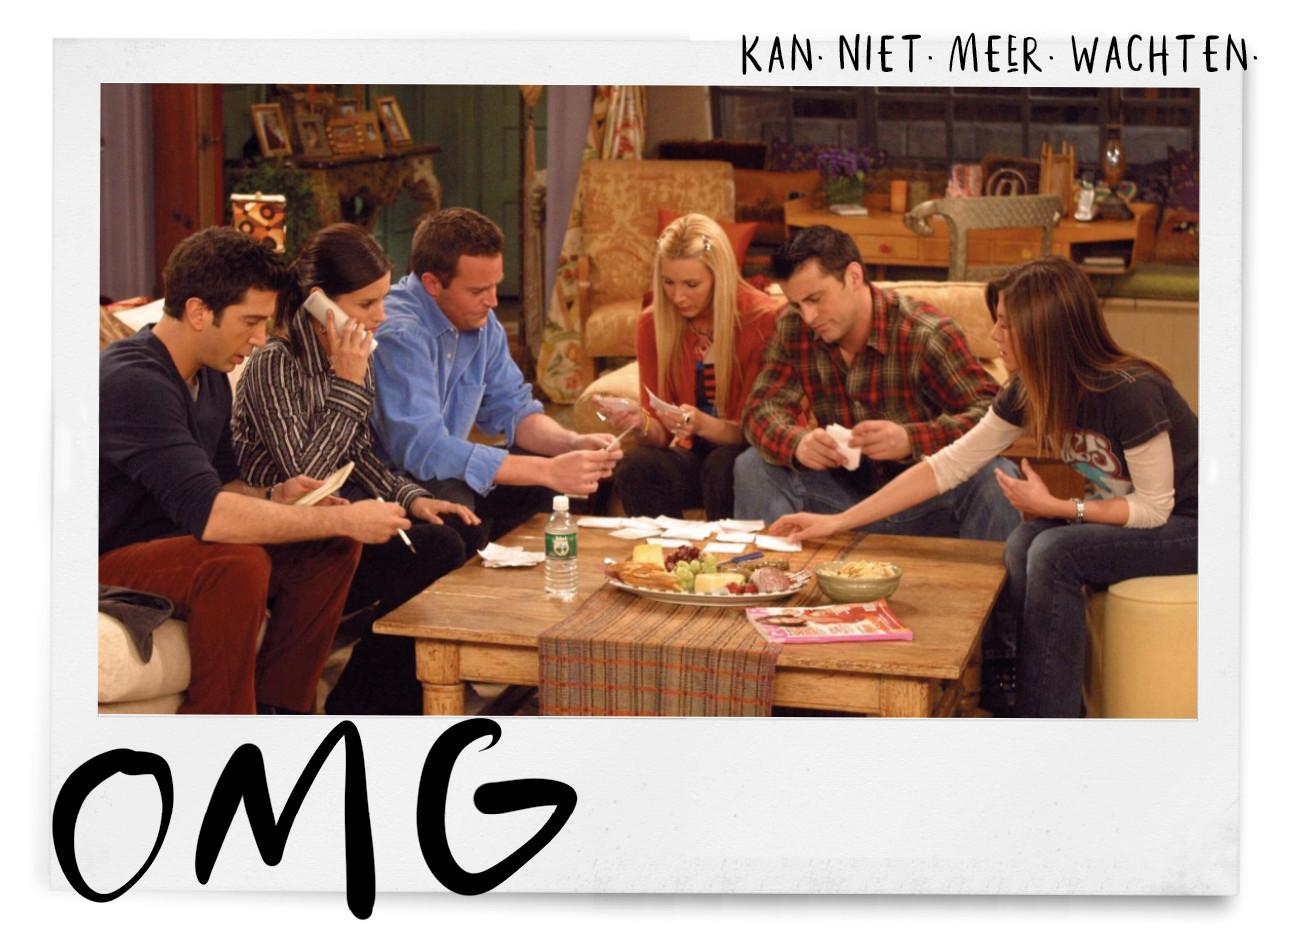 de cast van friends die samen op de bank zitten